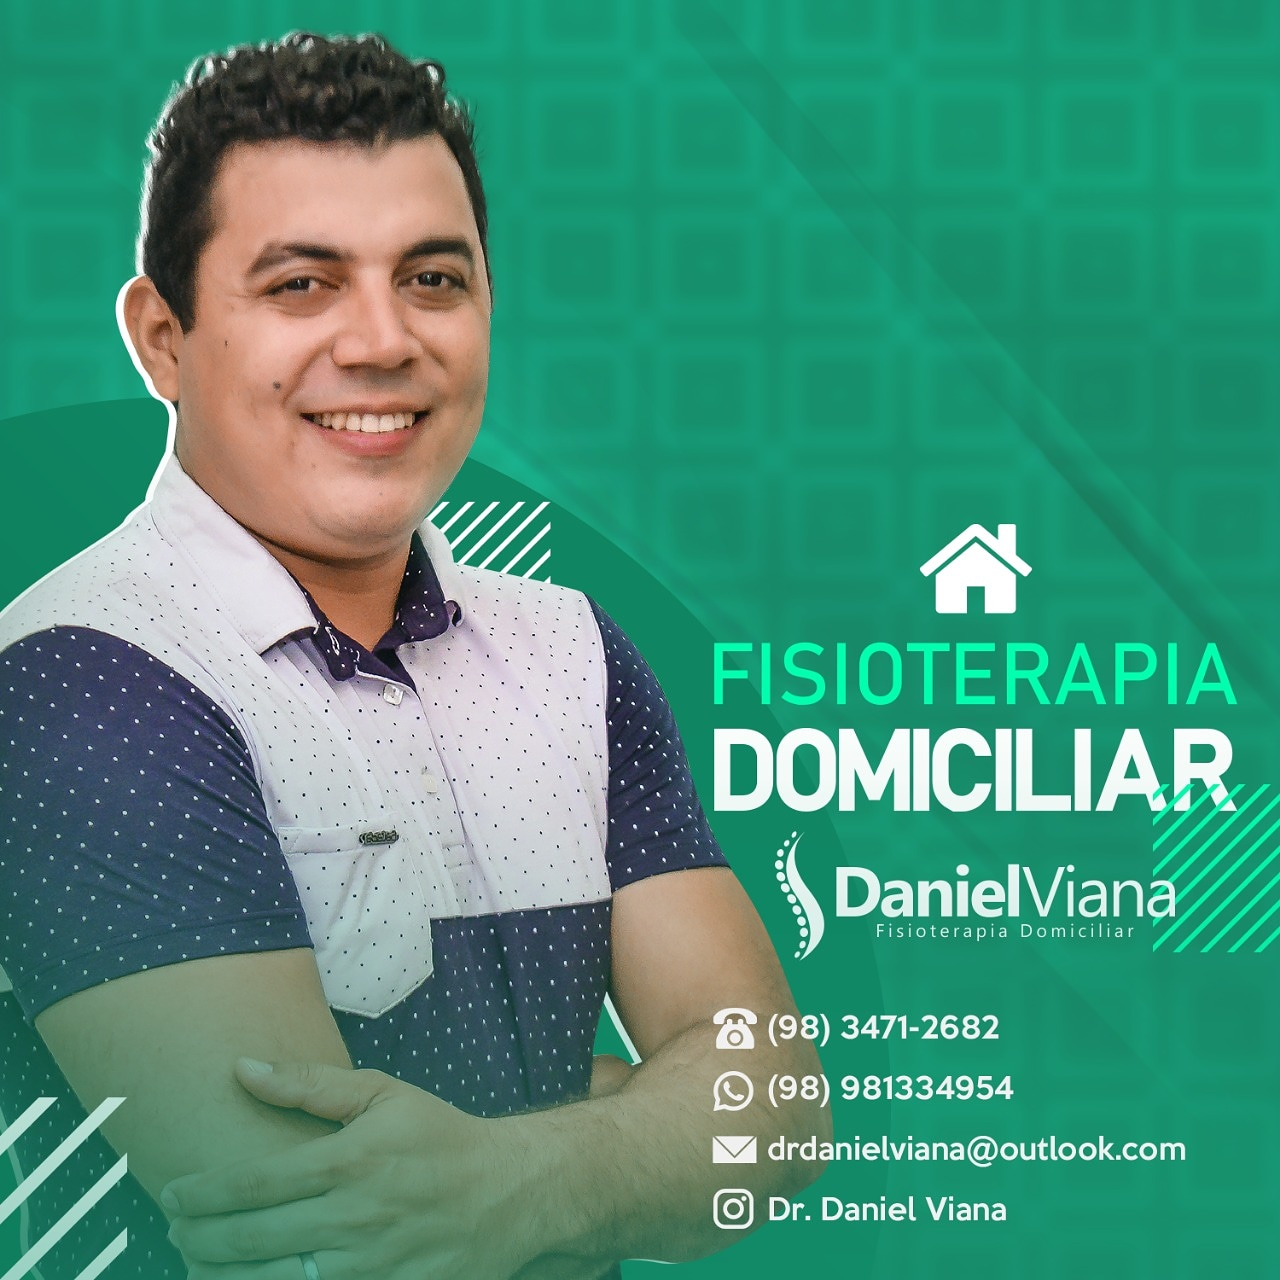 Dr. Daniel Viana - Fisioterapeuta